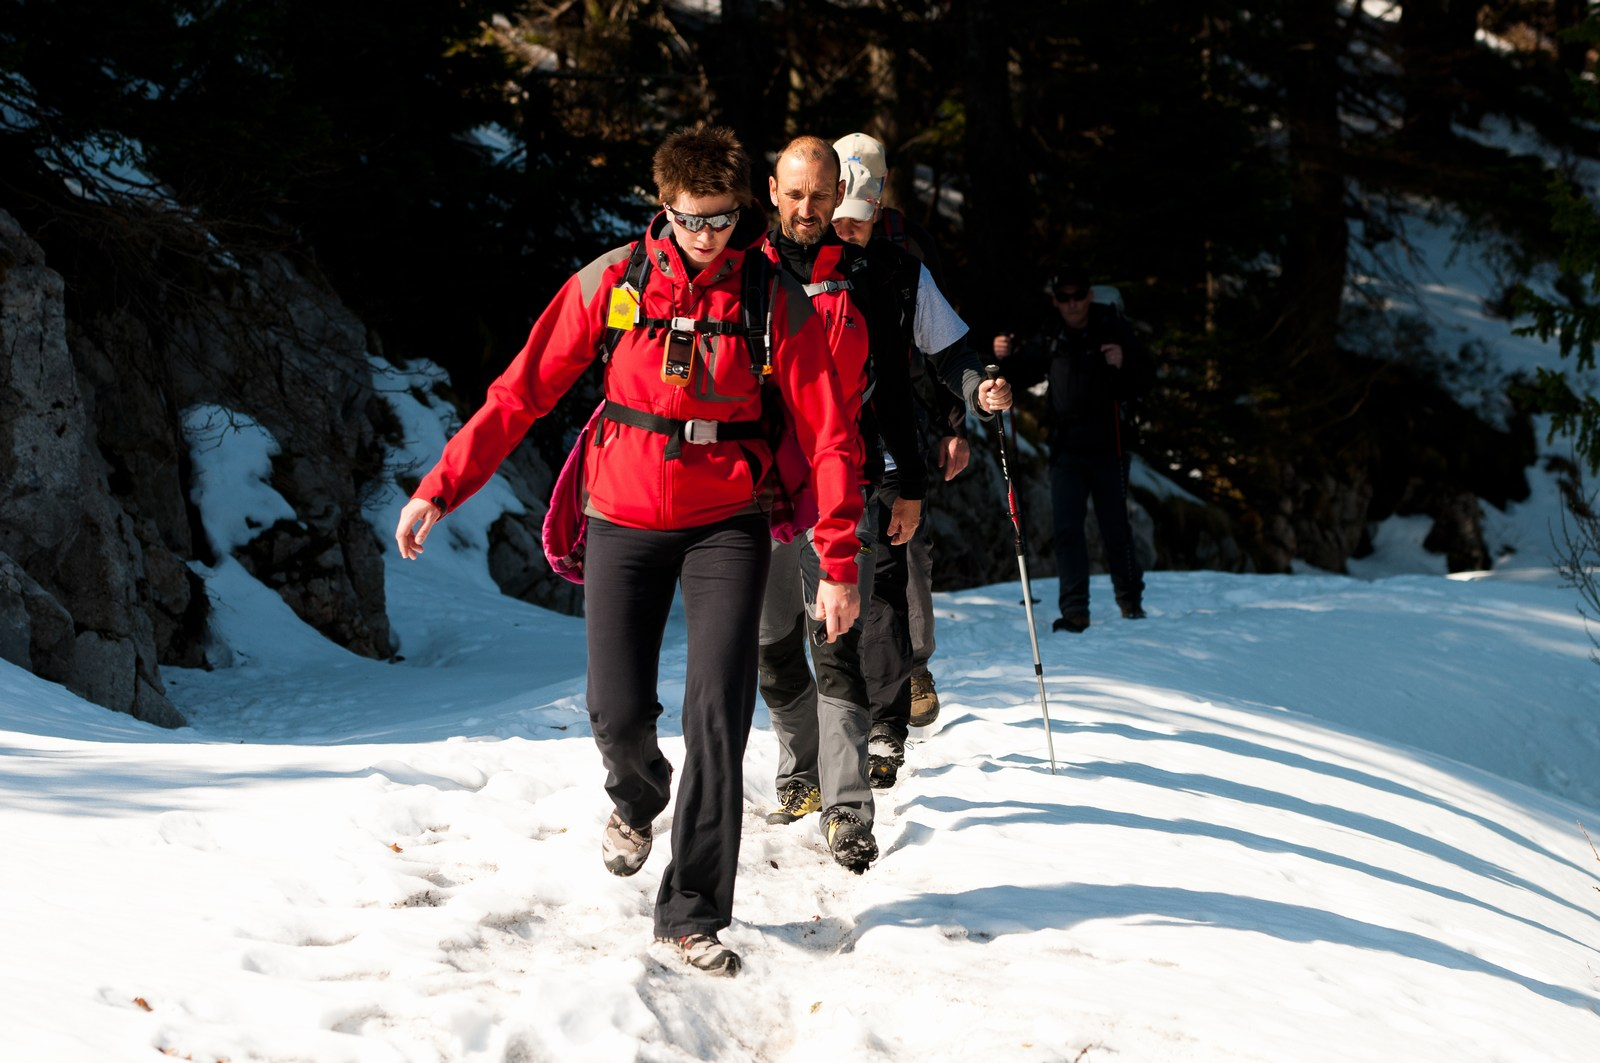 Da ne bi kdo mislil, da ni snega na Velebitu. O, pa je, včasih celo zelo dosti. Potem pa udari še kakšen mrzel veter. Brrrrrr. Foto: HTZ in Luka Tambaća.